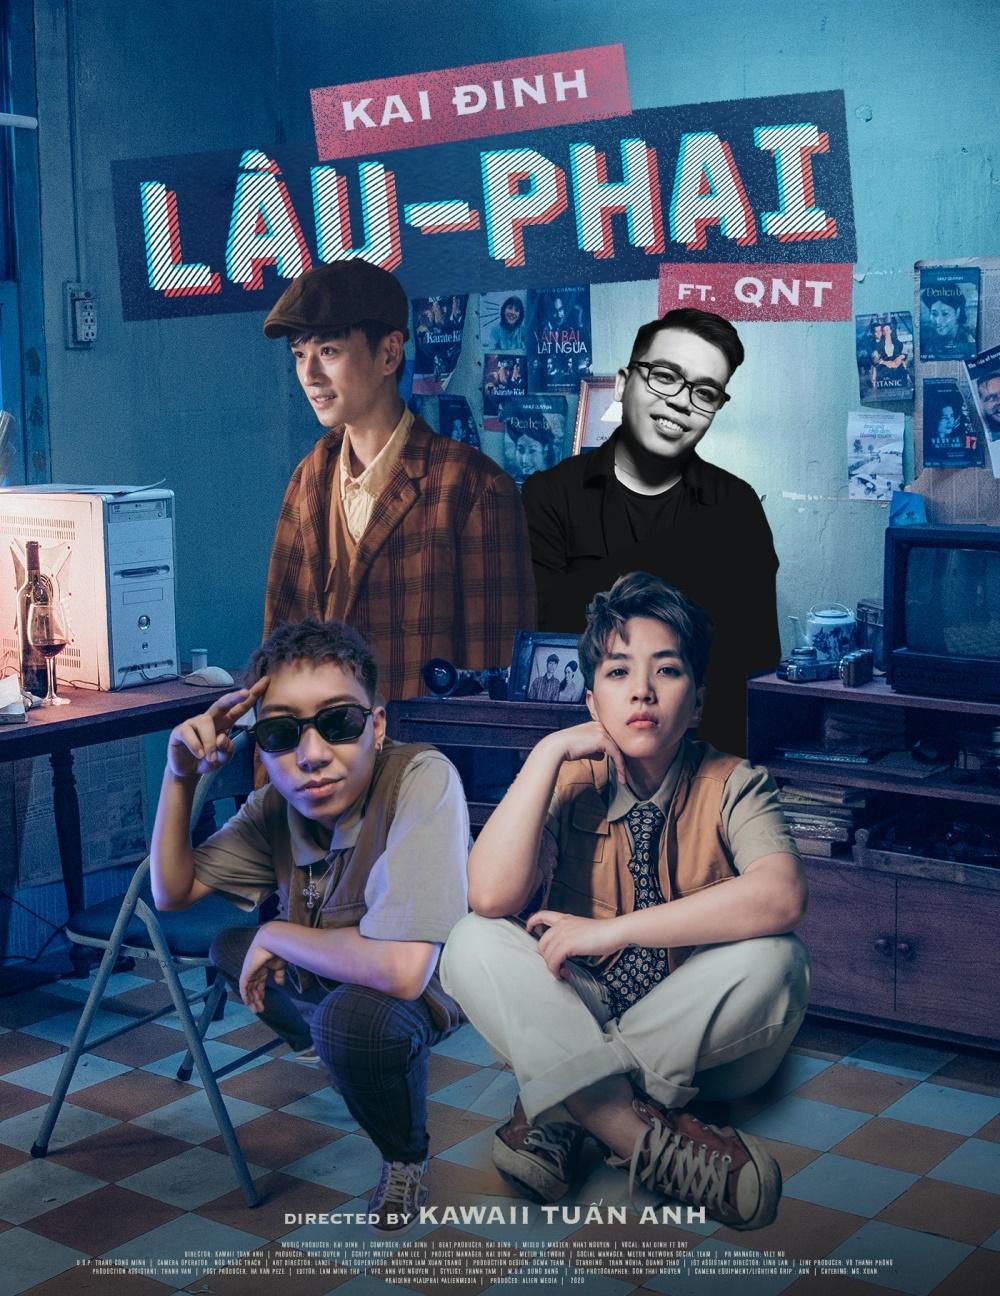 Amee, Min, Nicky (Monstar) phát hoảng vì MV mới của Kai Đinh, chuyện gì đã xảy ra? Ảnh 1